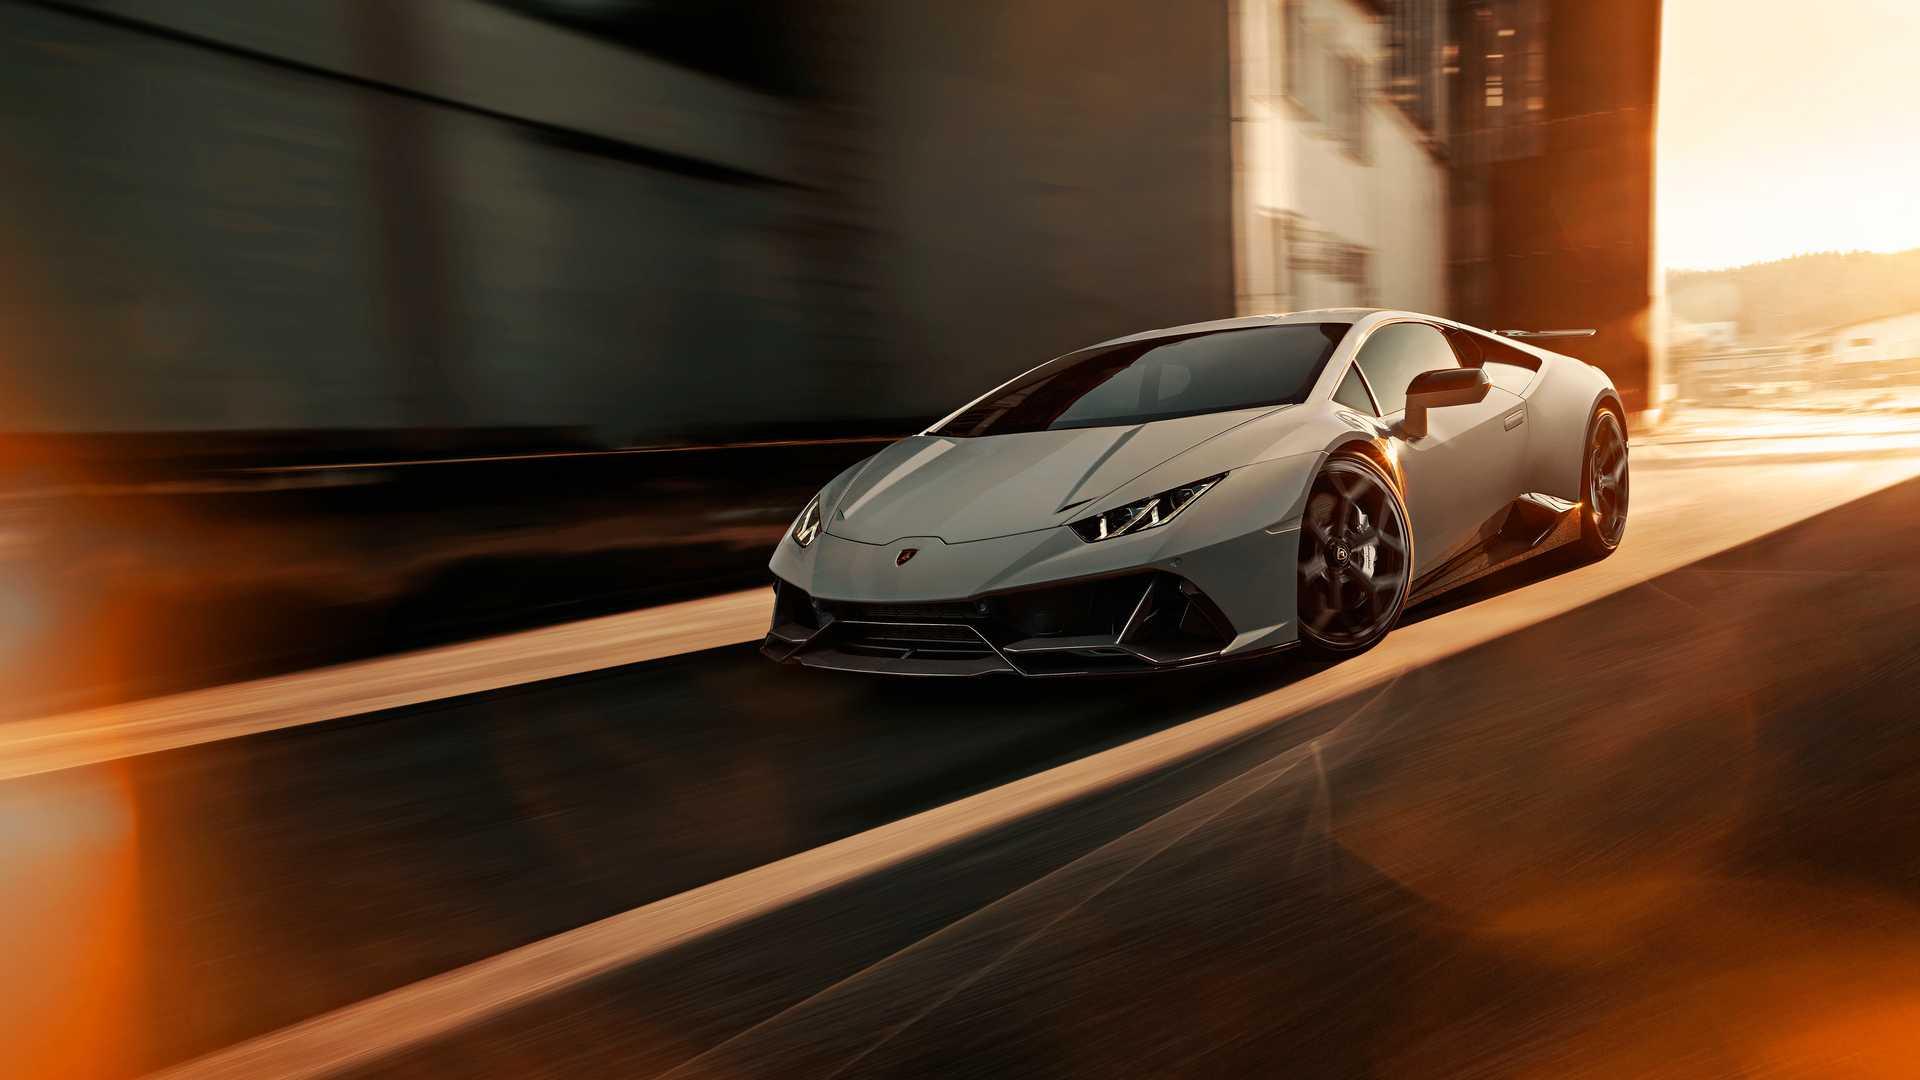 Lamborghini_Huracan_Evo_by_Novitec_0002